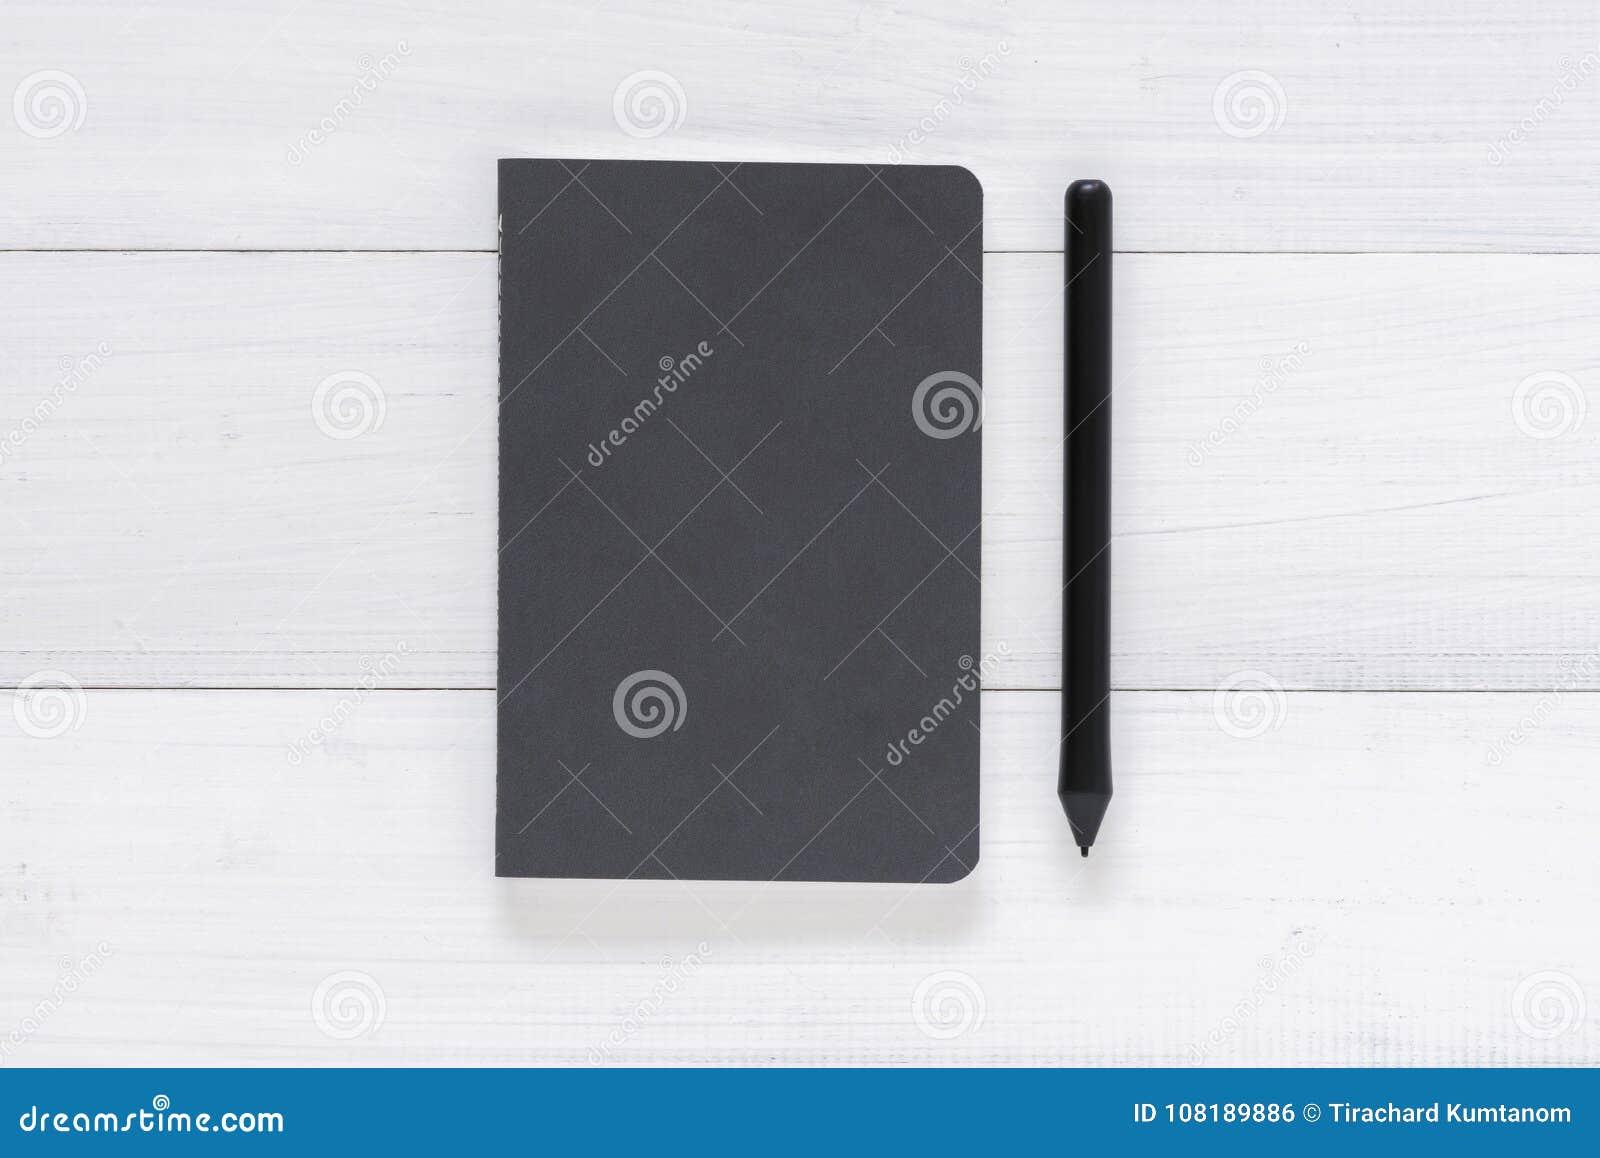 Scrivania In Legno Bianco : Fondo di legno bianco della tavola della scrivania con derisione